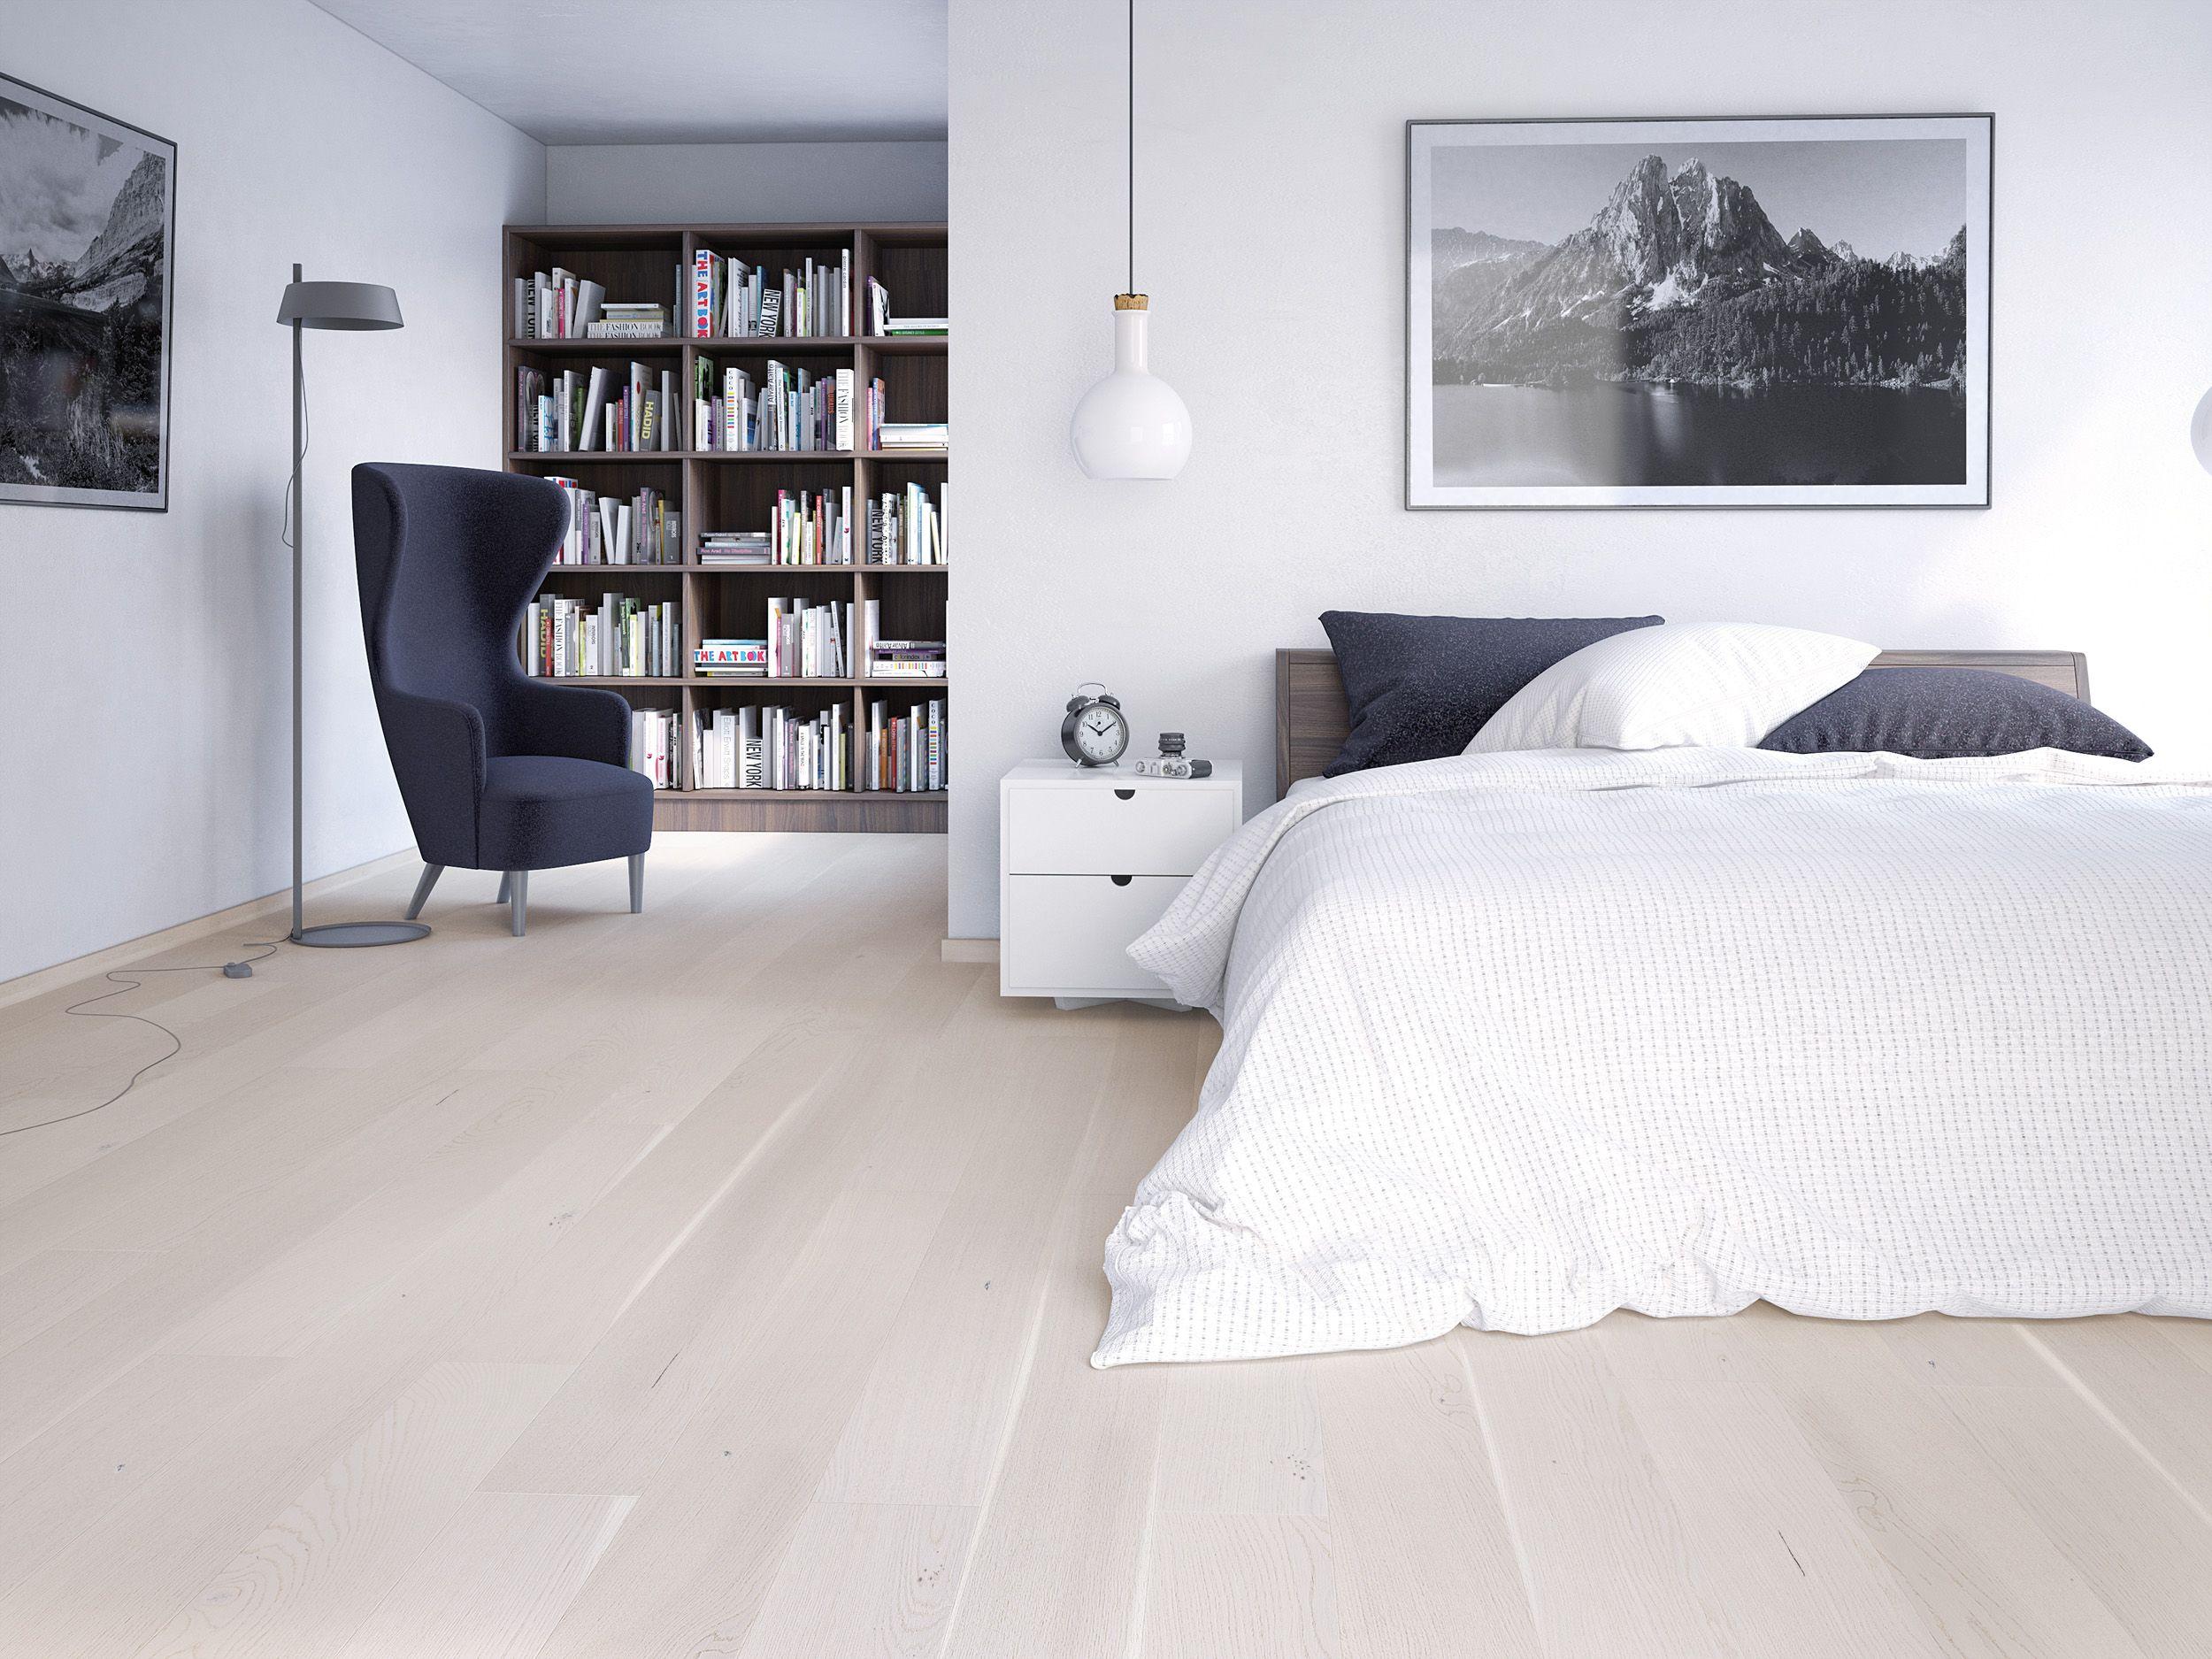 Fußboden Weiß Xl ~ G i do parkett landhausdiele xl eiche family harmony weiß